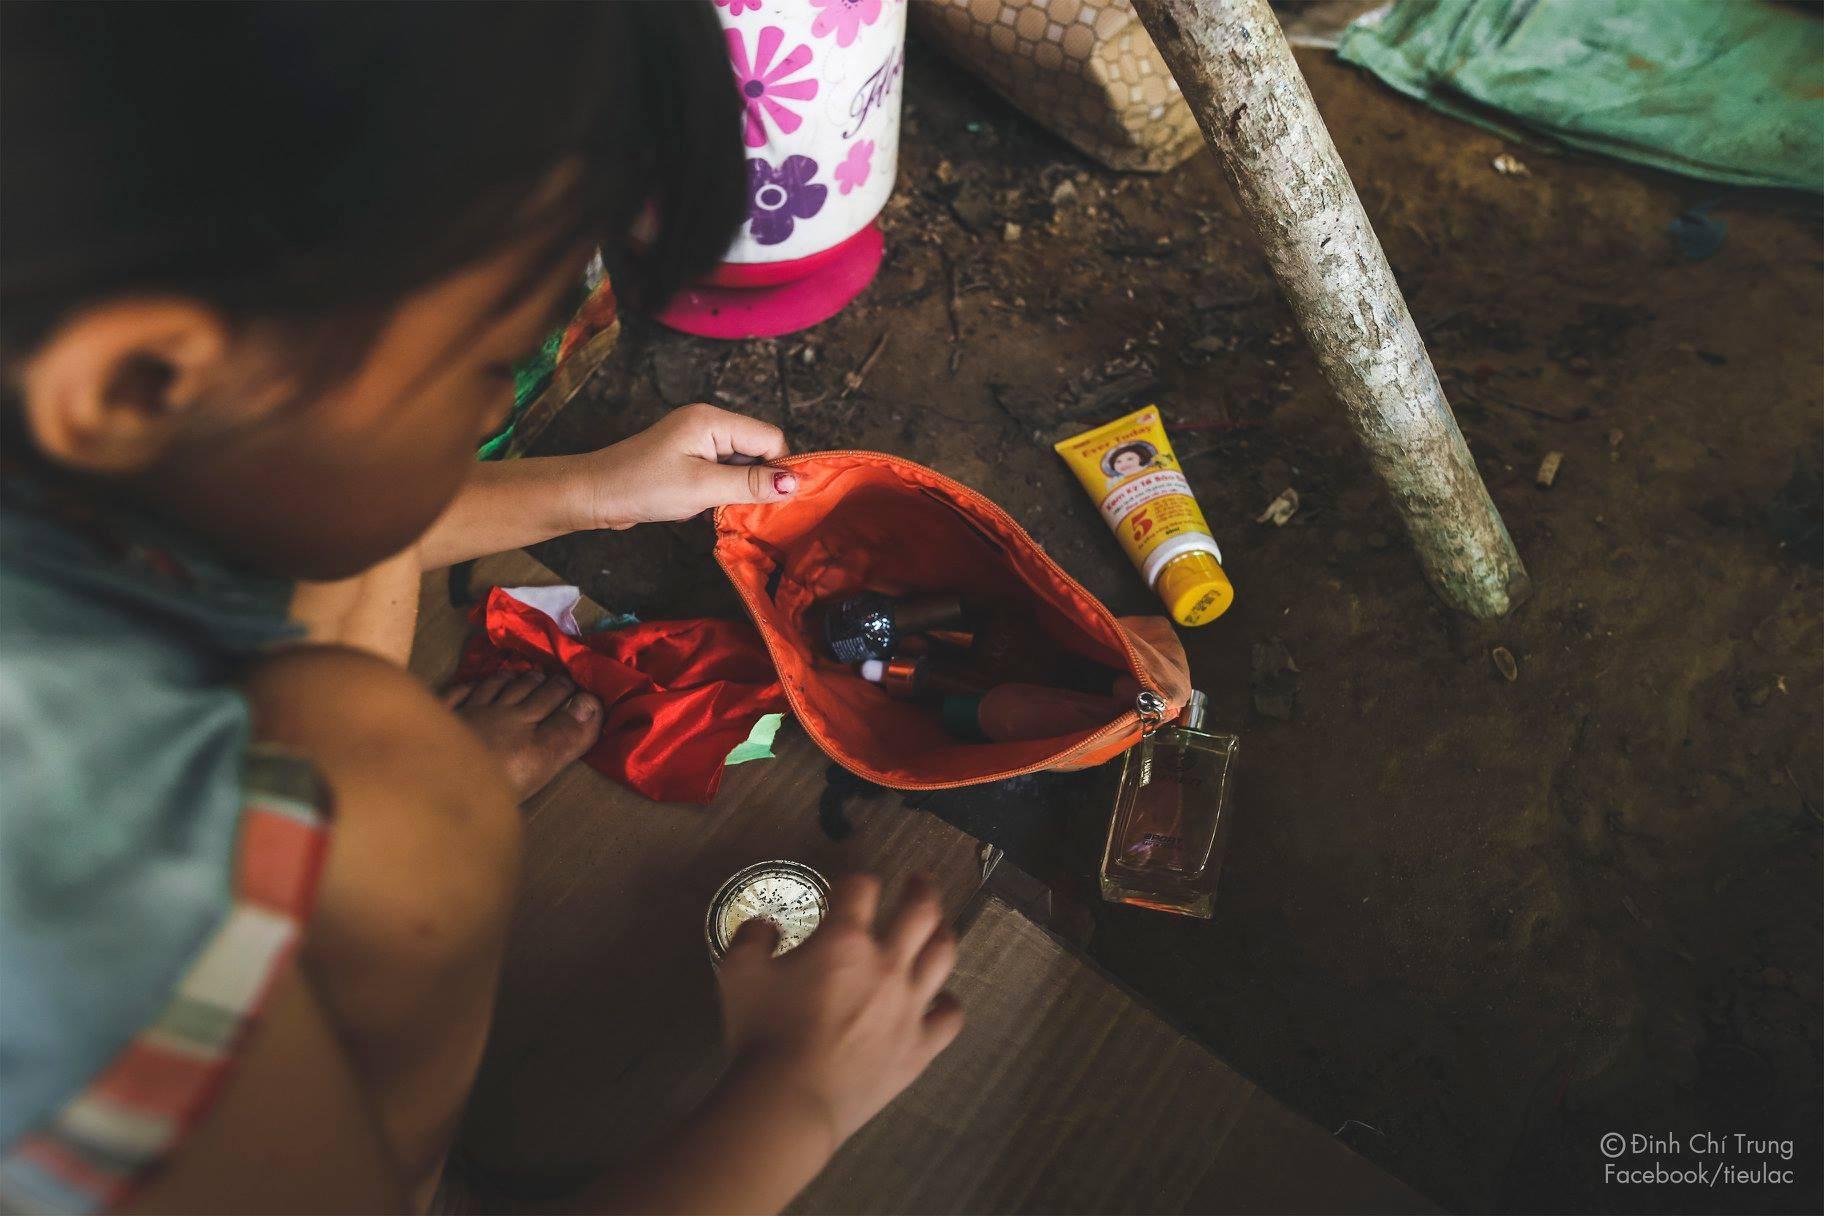 Chuyện của cô bé 9 tuổi sống ở bãi rác Phú Quốc và chàng kỹ sư nông nghiệp đi khắp đất nước kể chuyện trẻ thơ - Ảnh 4.